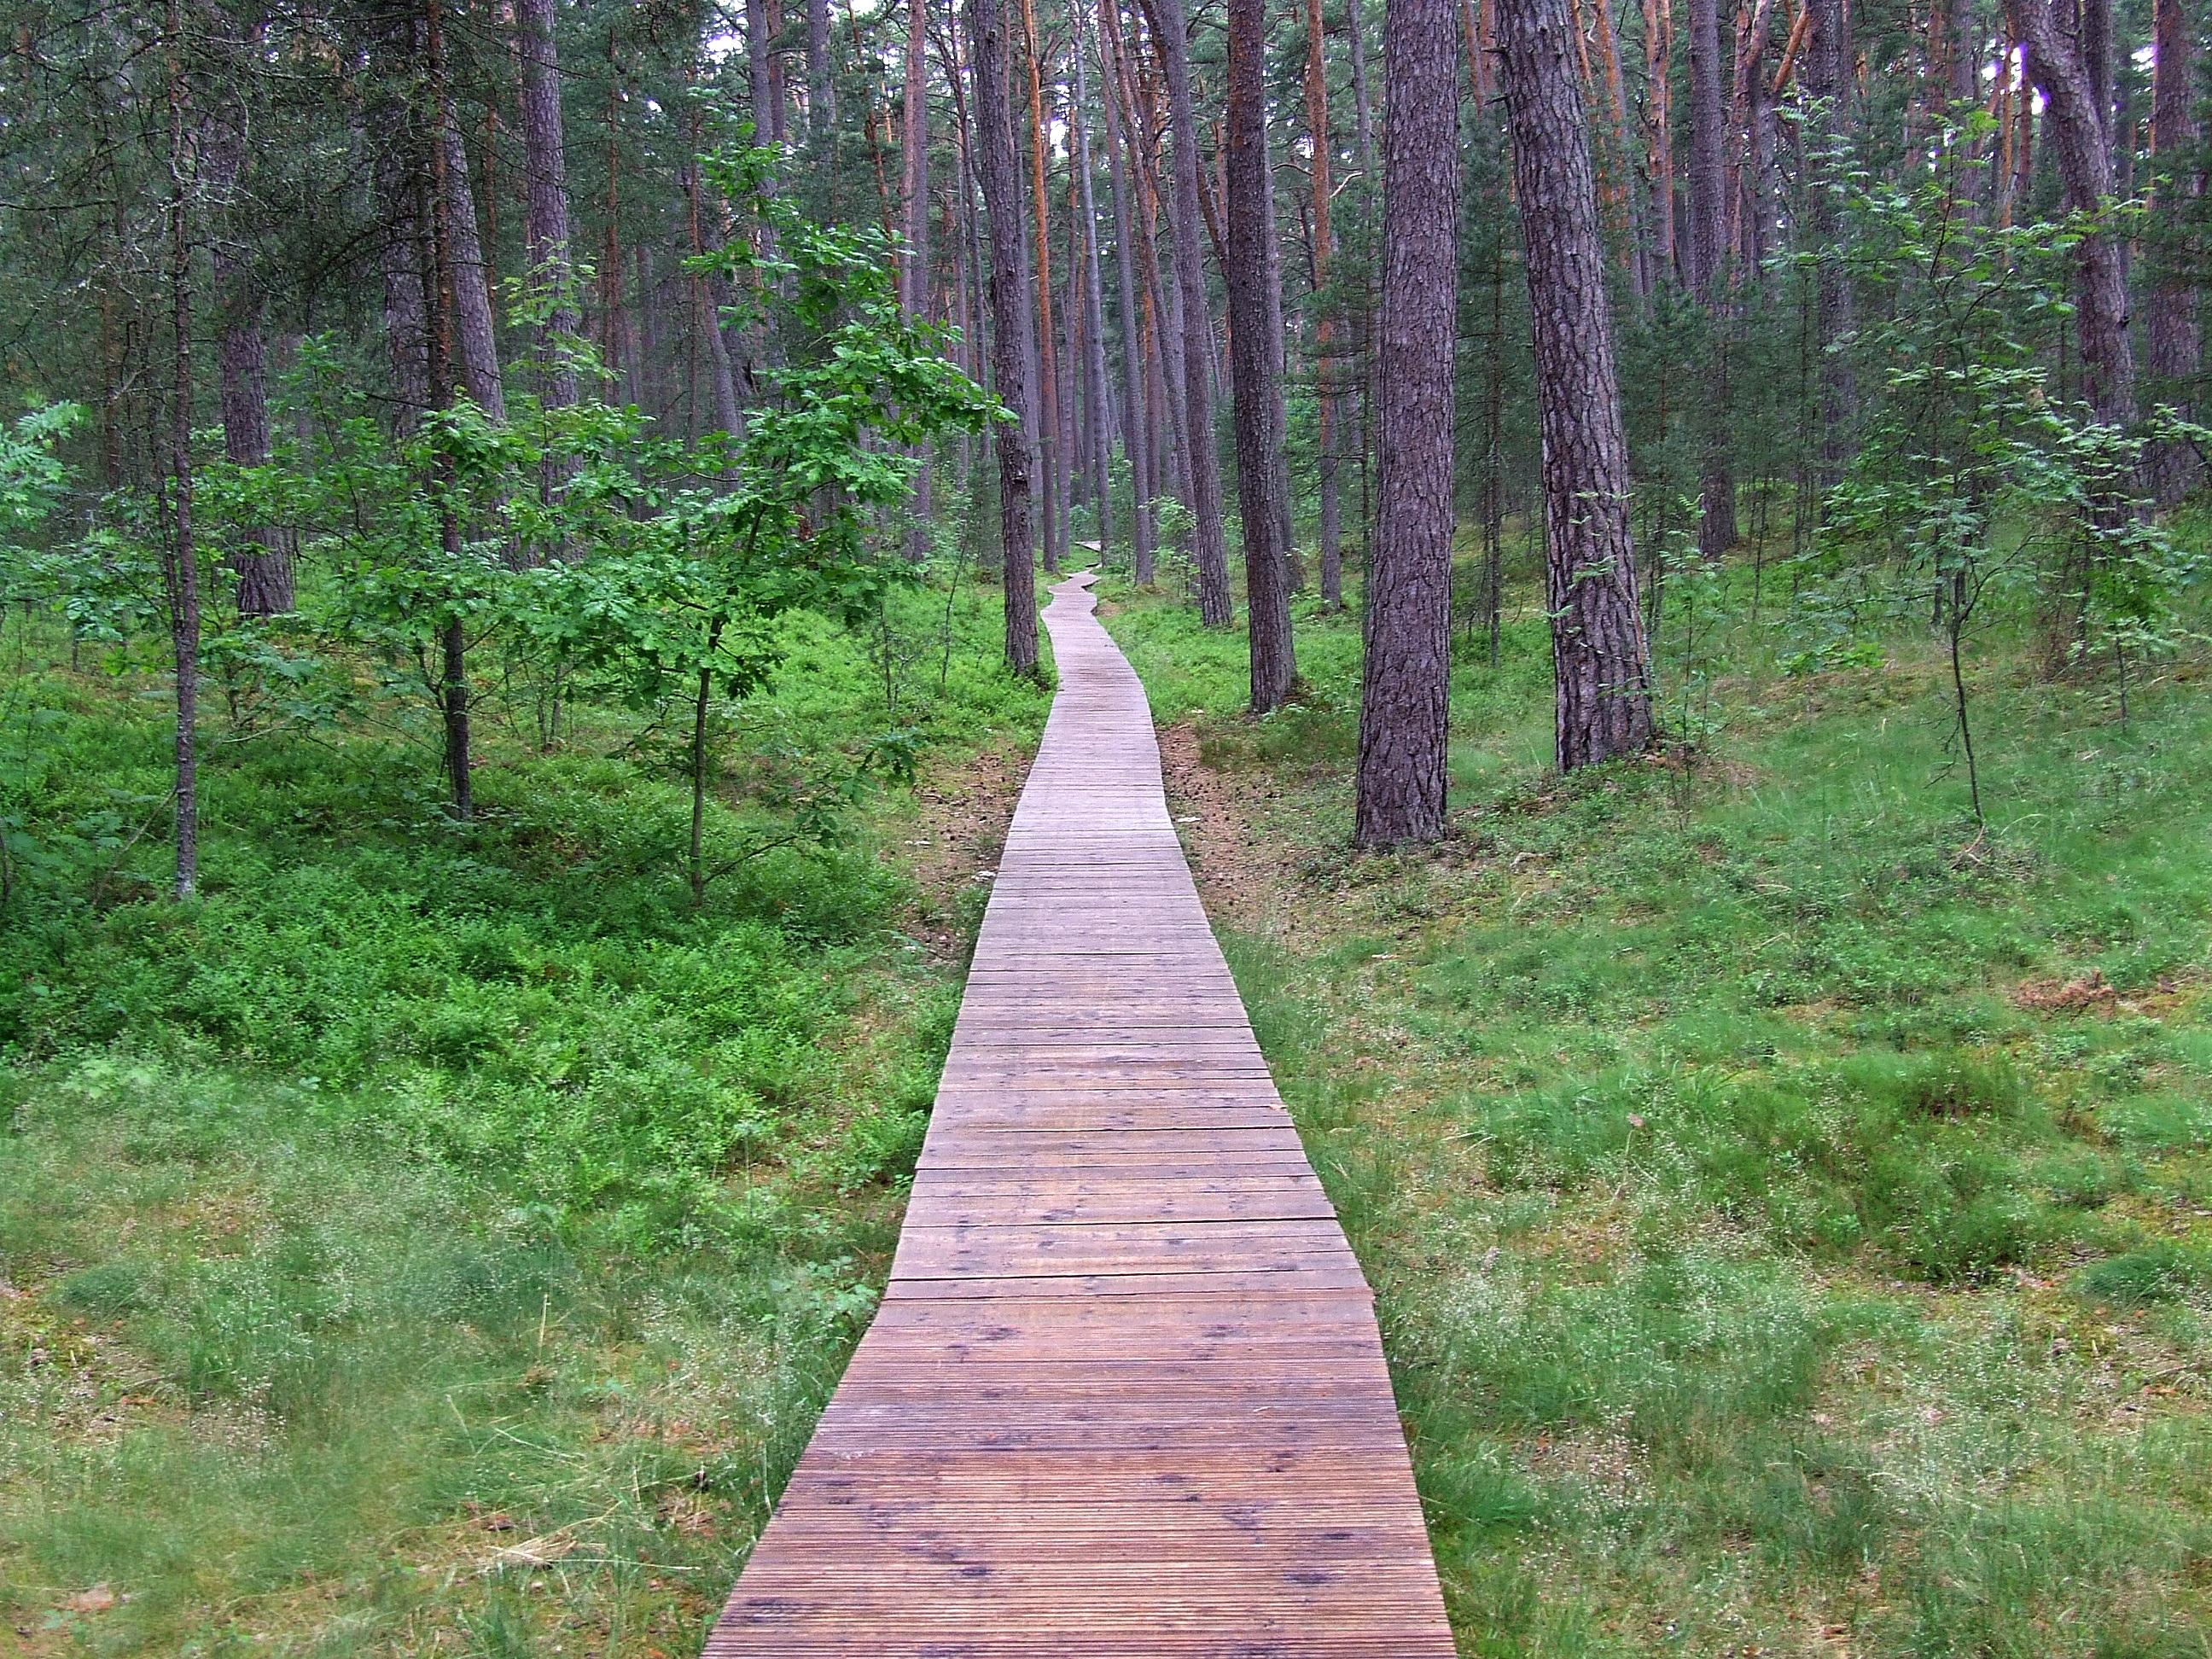 Projekt Dřevo je cesta ukáže pozitivní dopady využívání dřeva